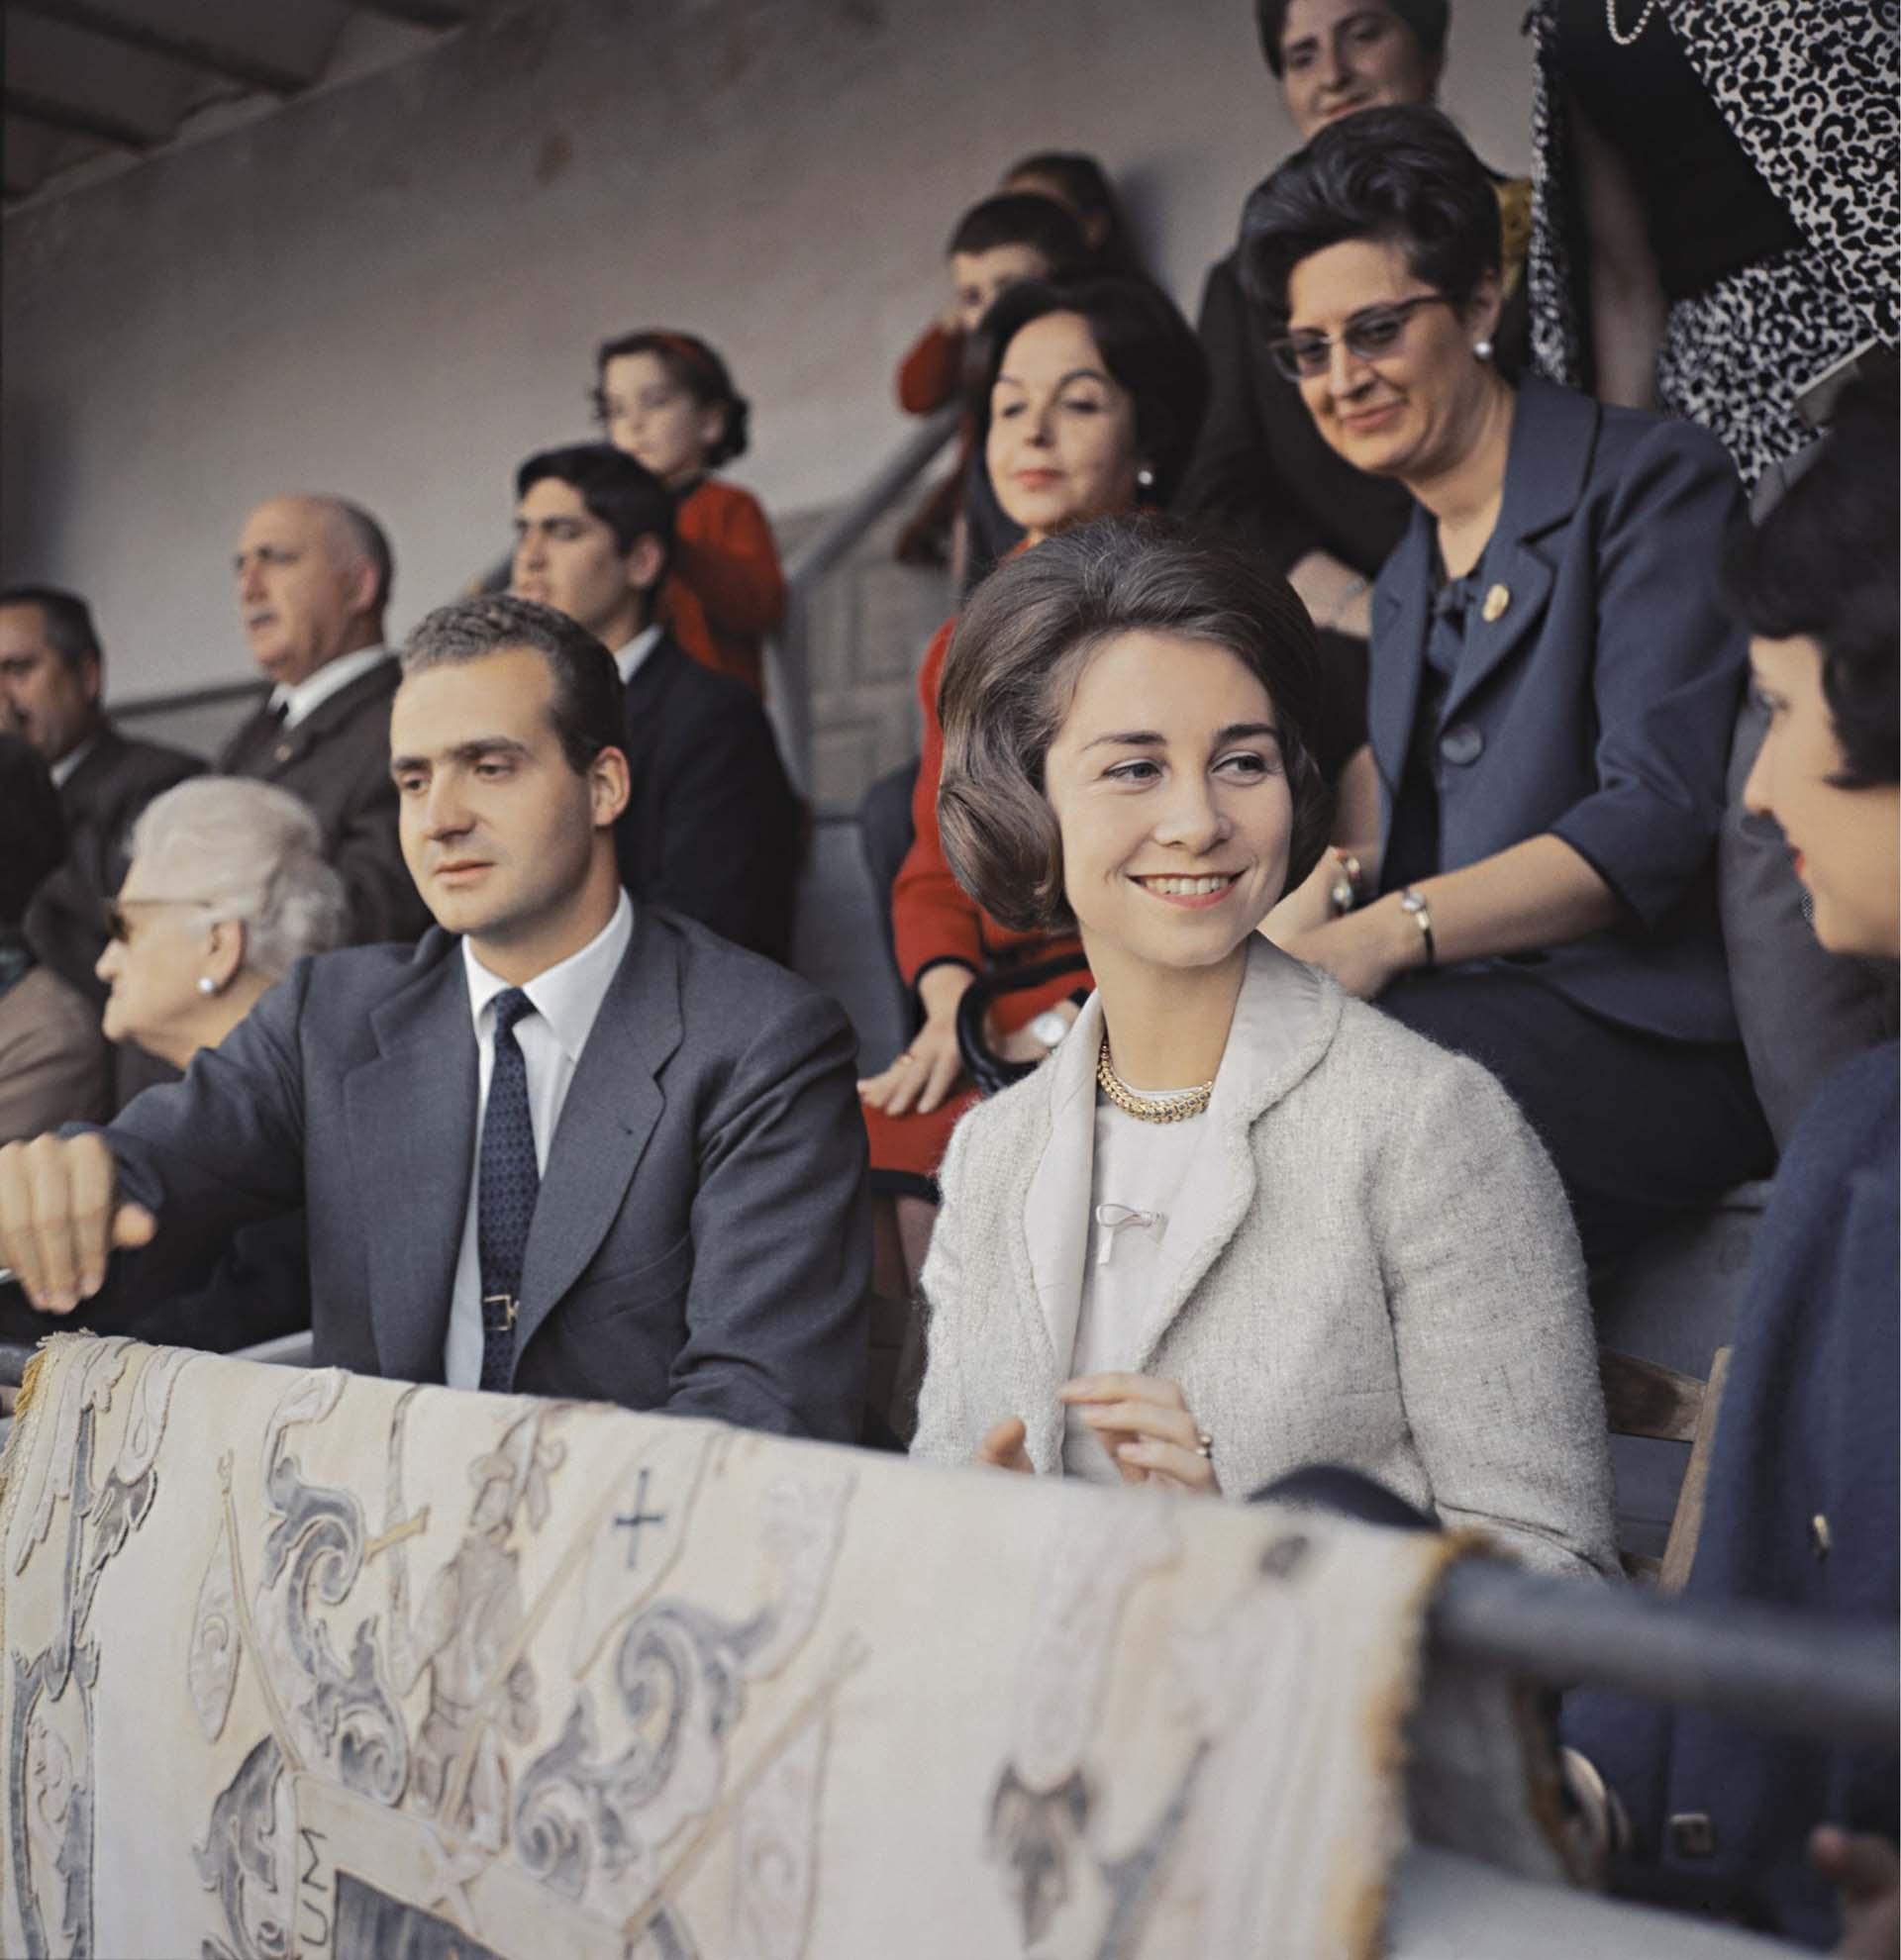 Juan Carlos y Sofía en una fotografía sin fecha ni locación mucho antes de asumir como rey de España (Shutterstock)